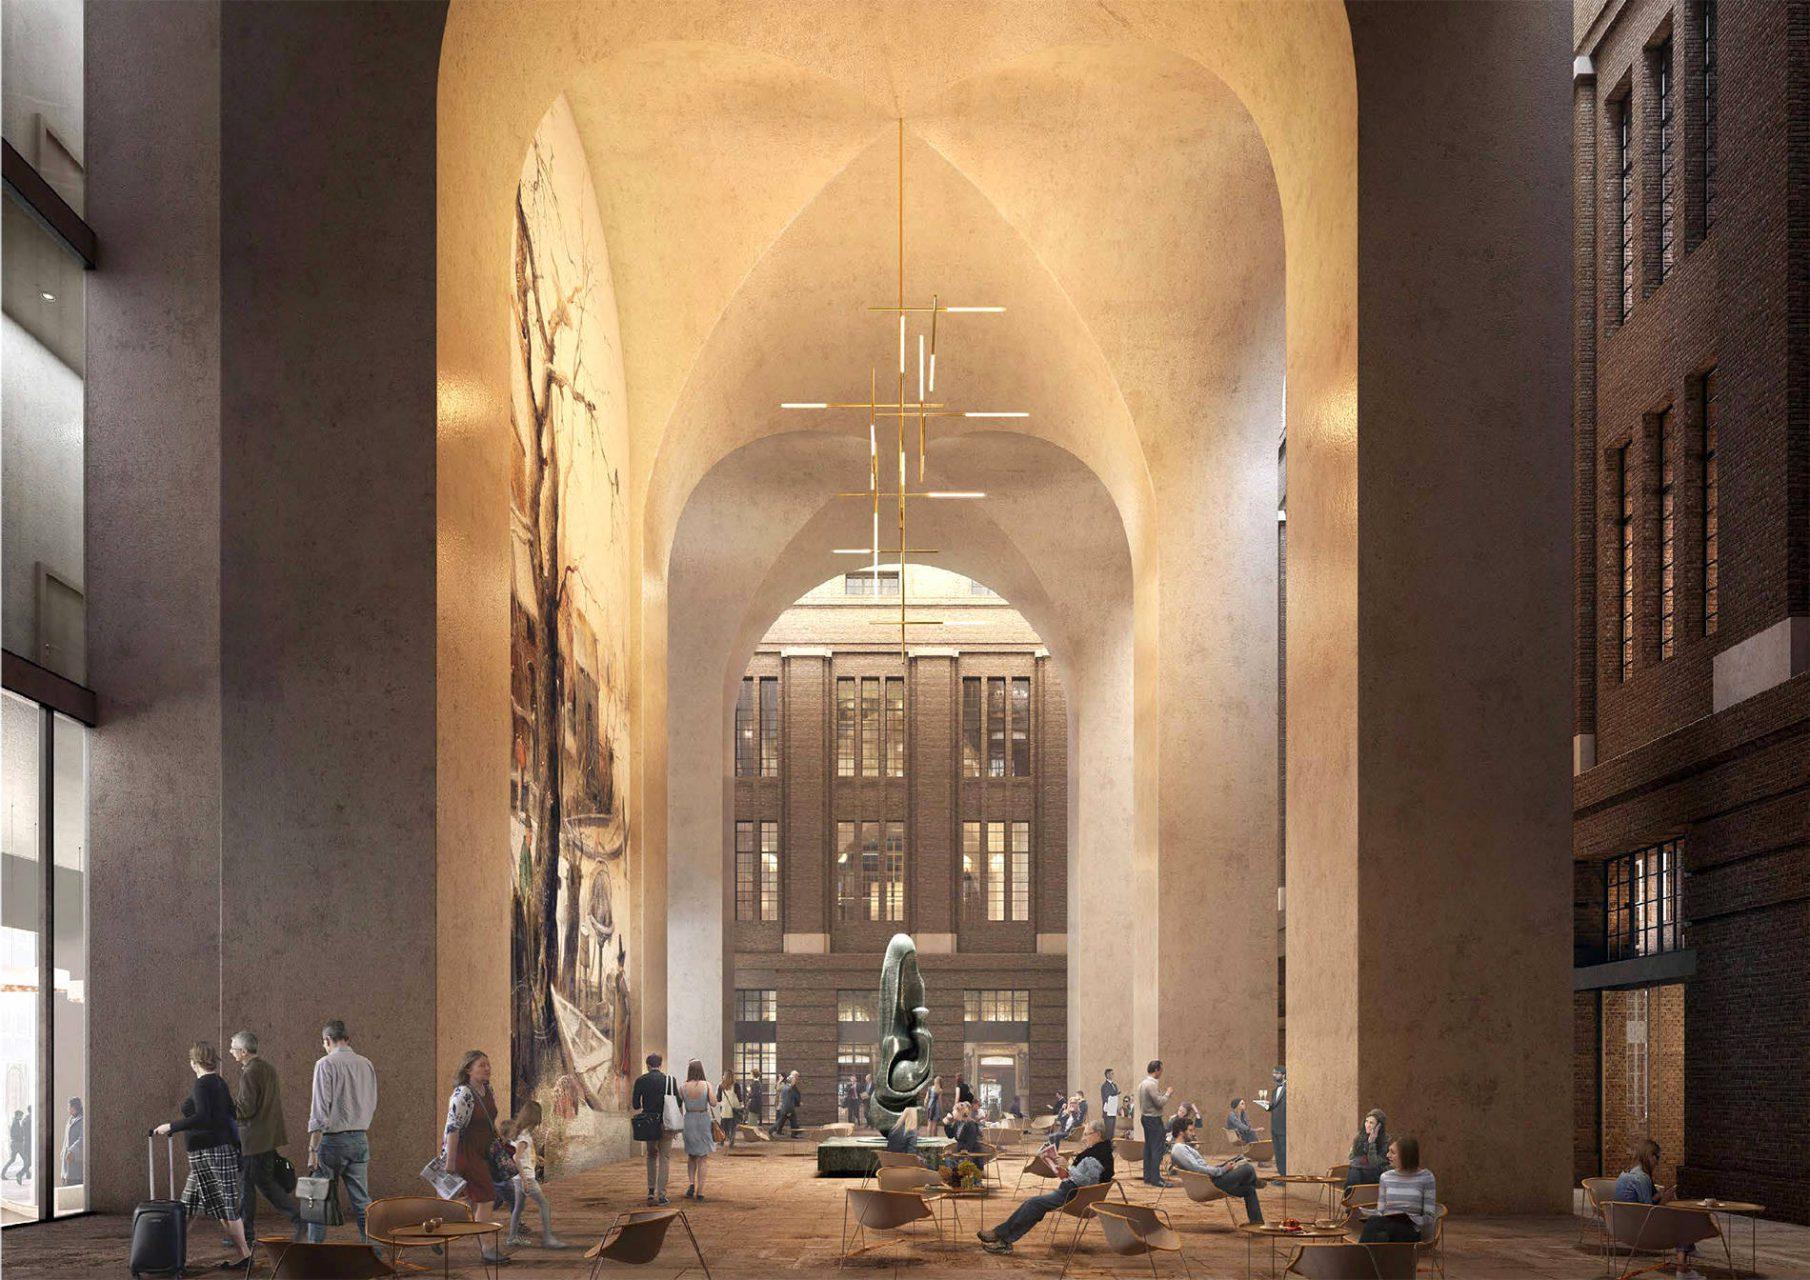 POST. Ziel war es, durch Um- und Neubau der POST in Rotterdams Innenstadt eine neue lebendige Schnittstelle zu schaffen. So werden die ehemalige Schalterhalle und das neue Foyer des Turm für die Öffentlichkeit zugänglich sein und Geschäfte und Cafés beherbergen.